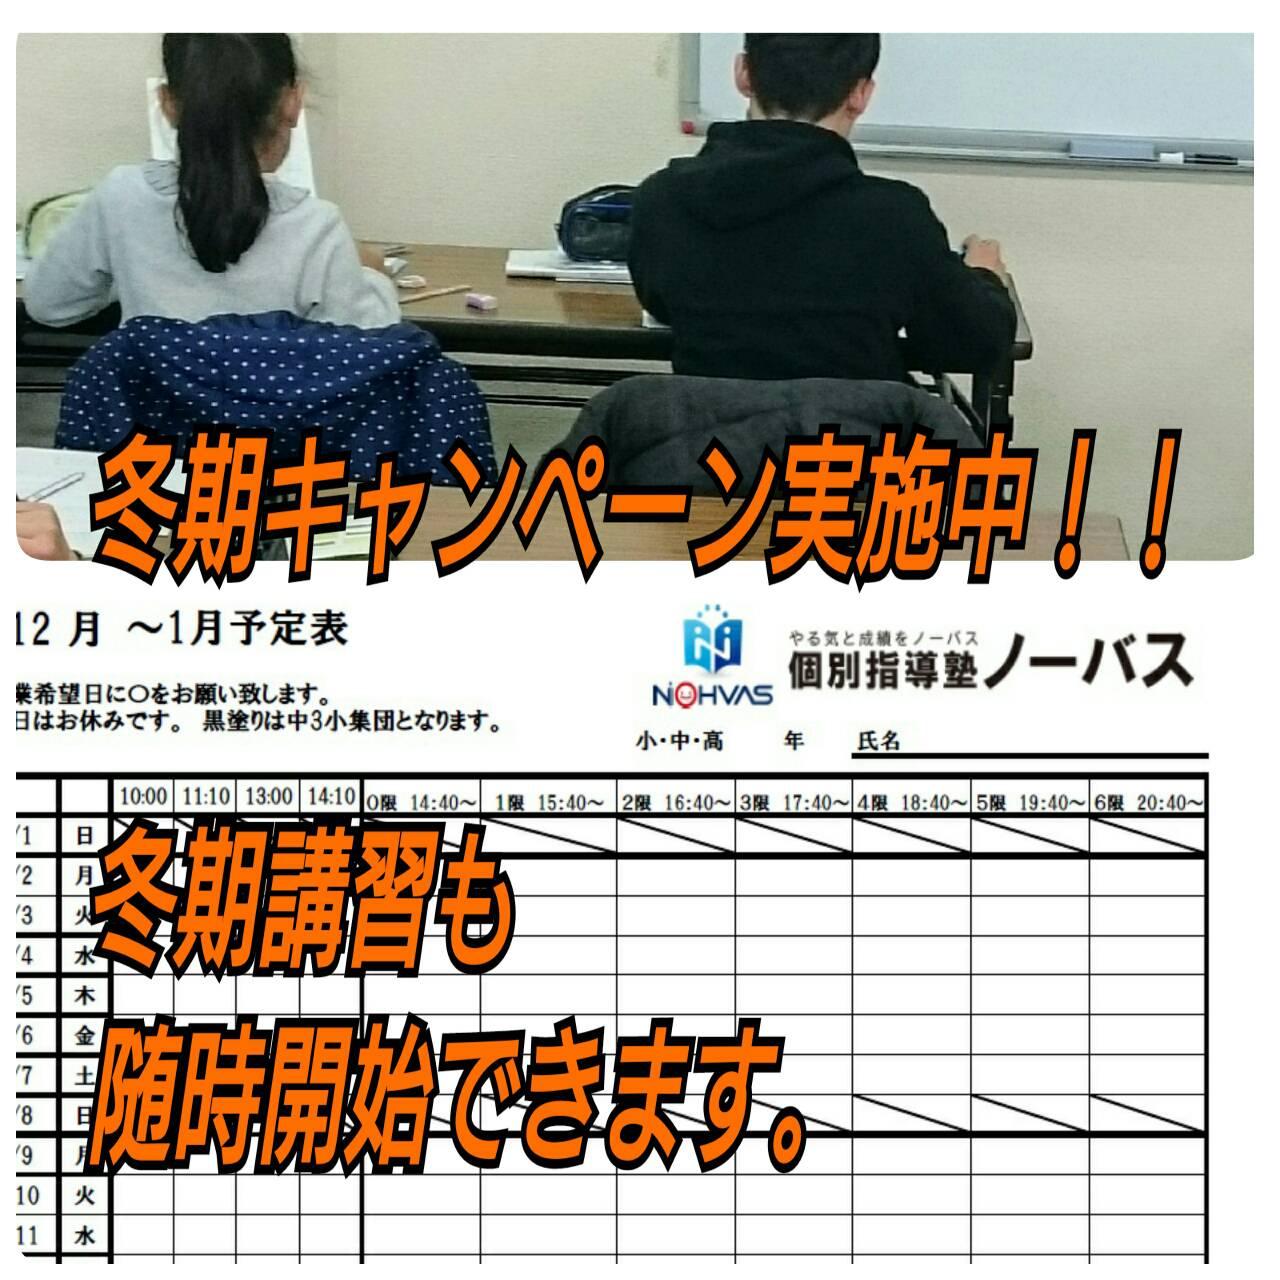 12月は、振り返り月間です。その3 〜入塾金 無料12/28まで〜画像